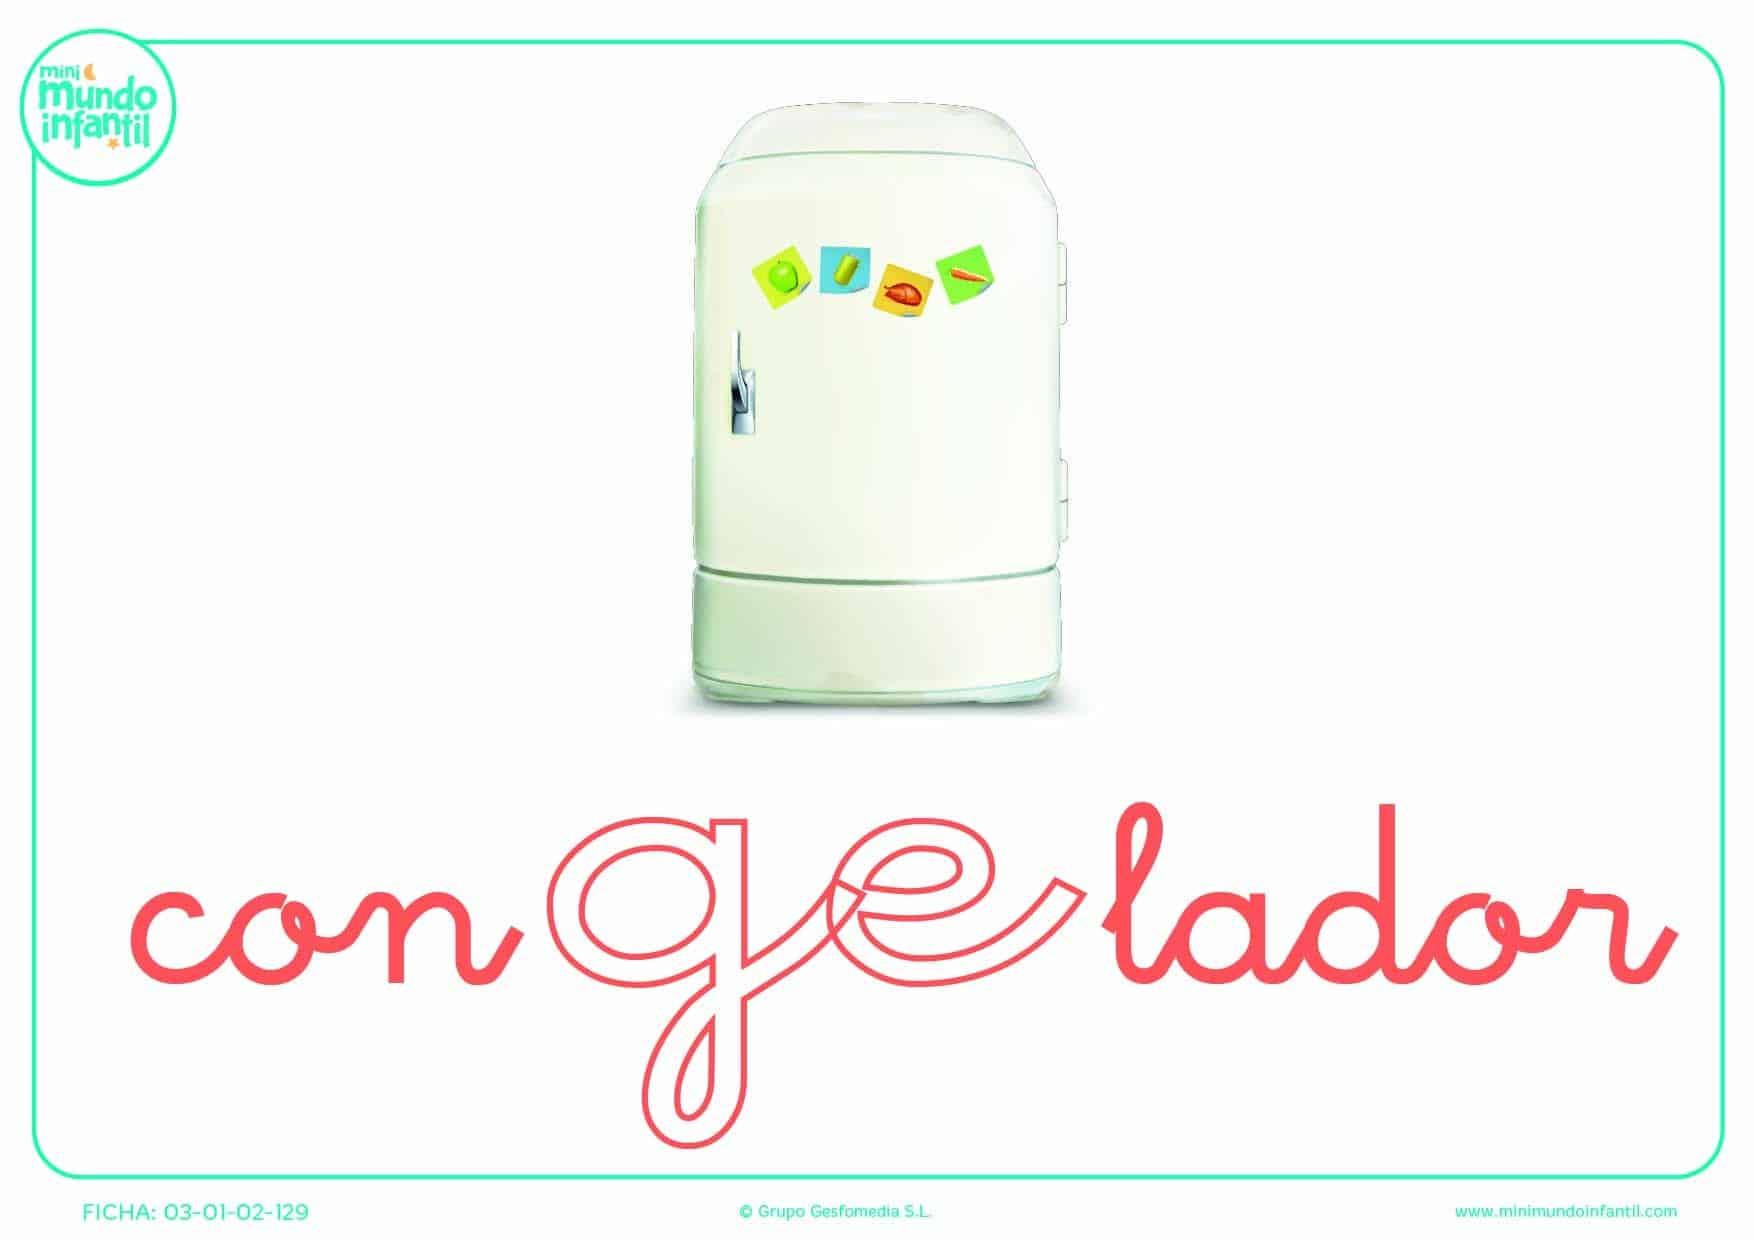 Poner color la sílaba GE minúscula de congelador